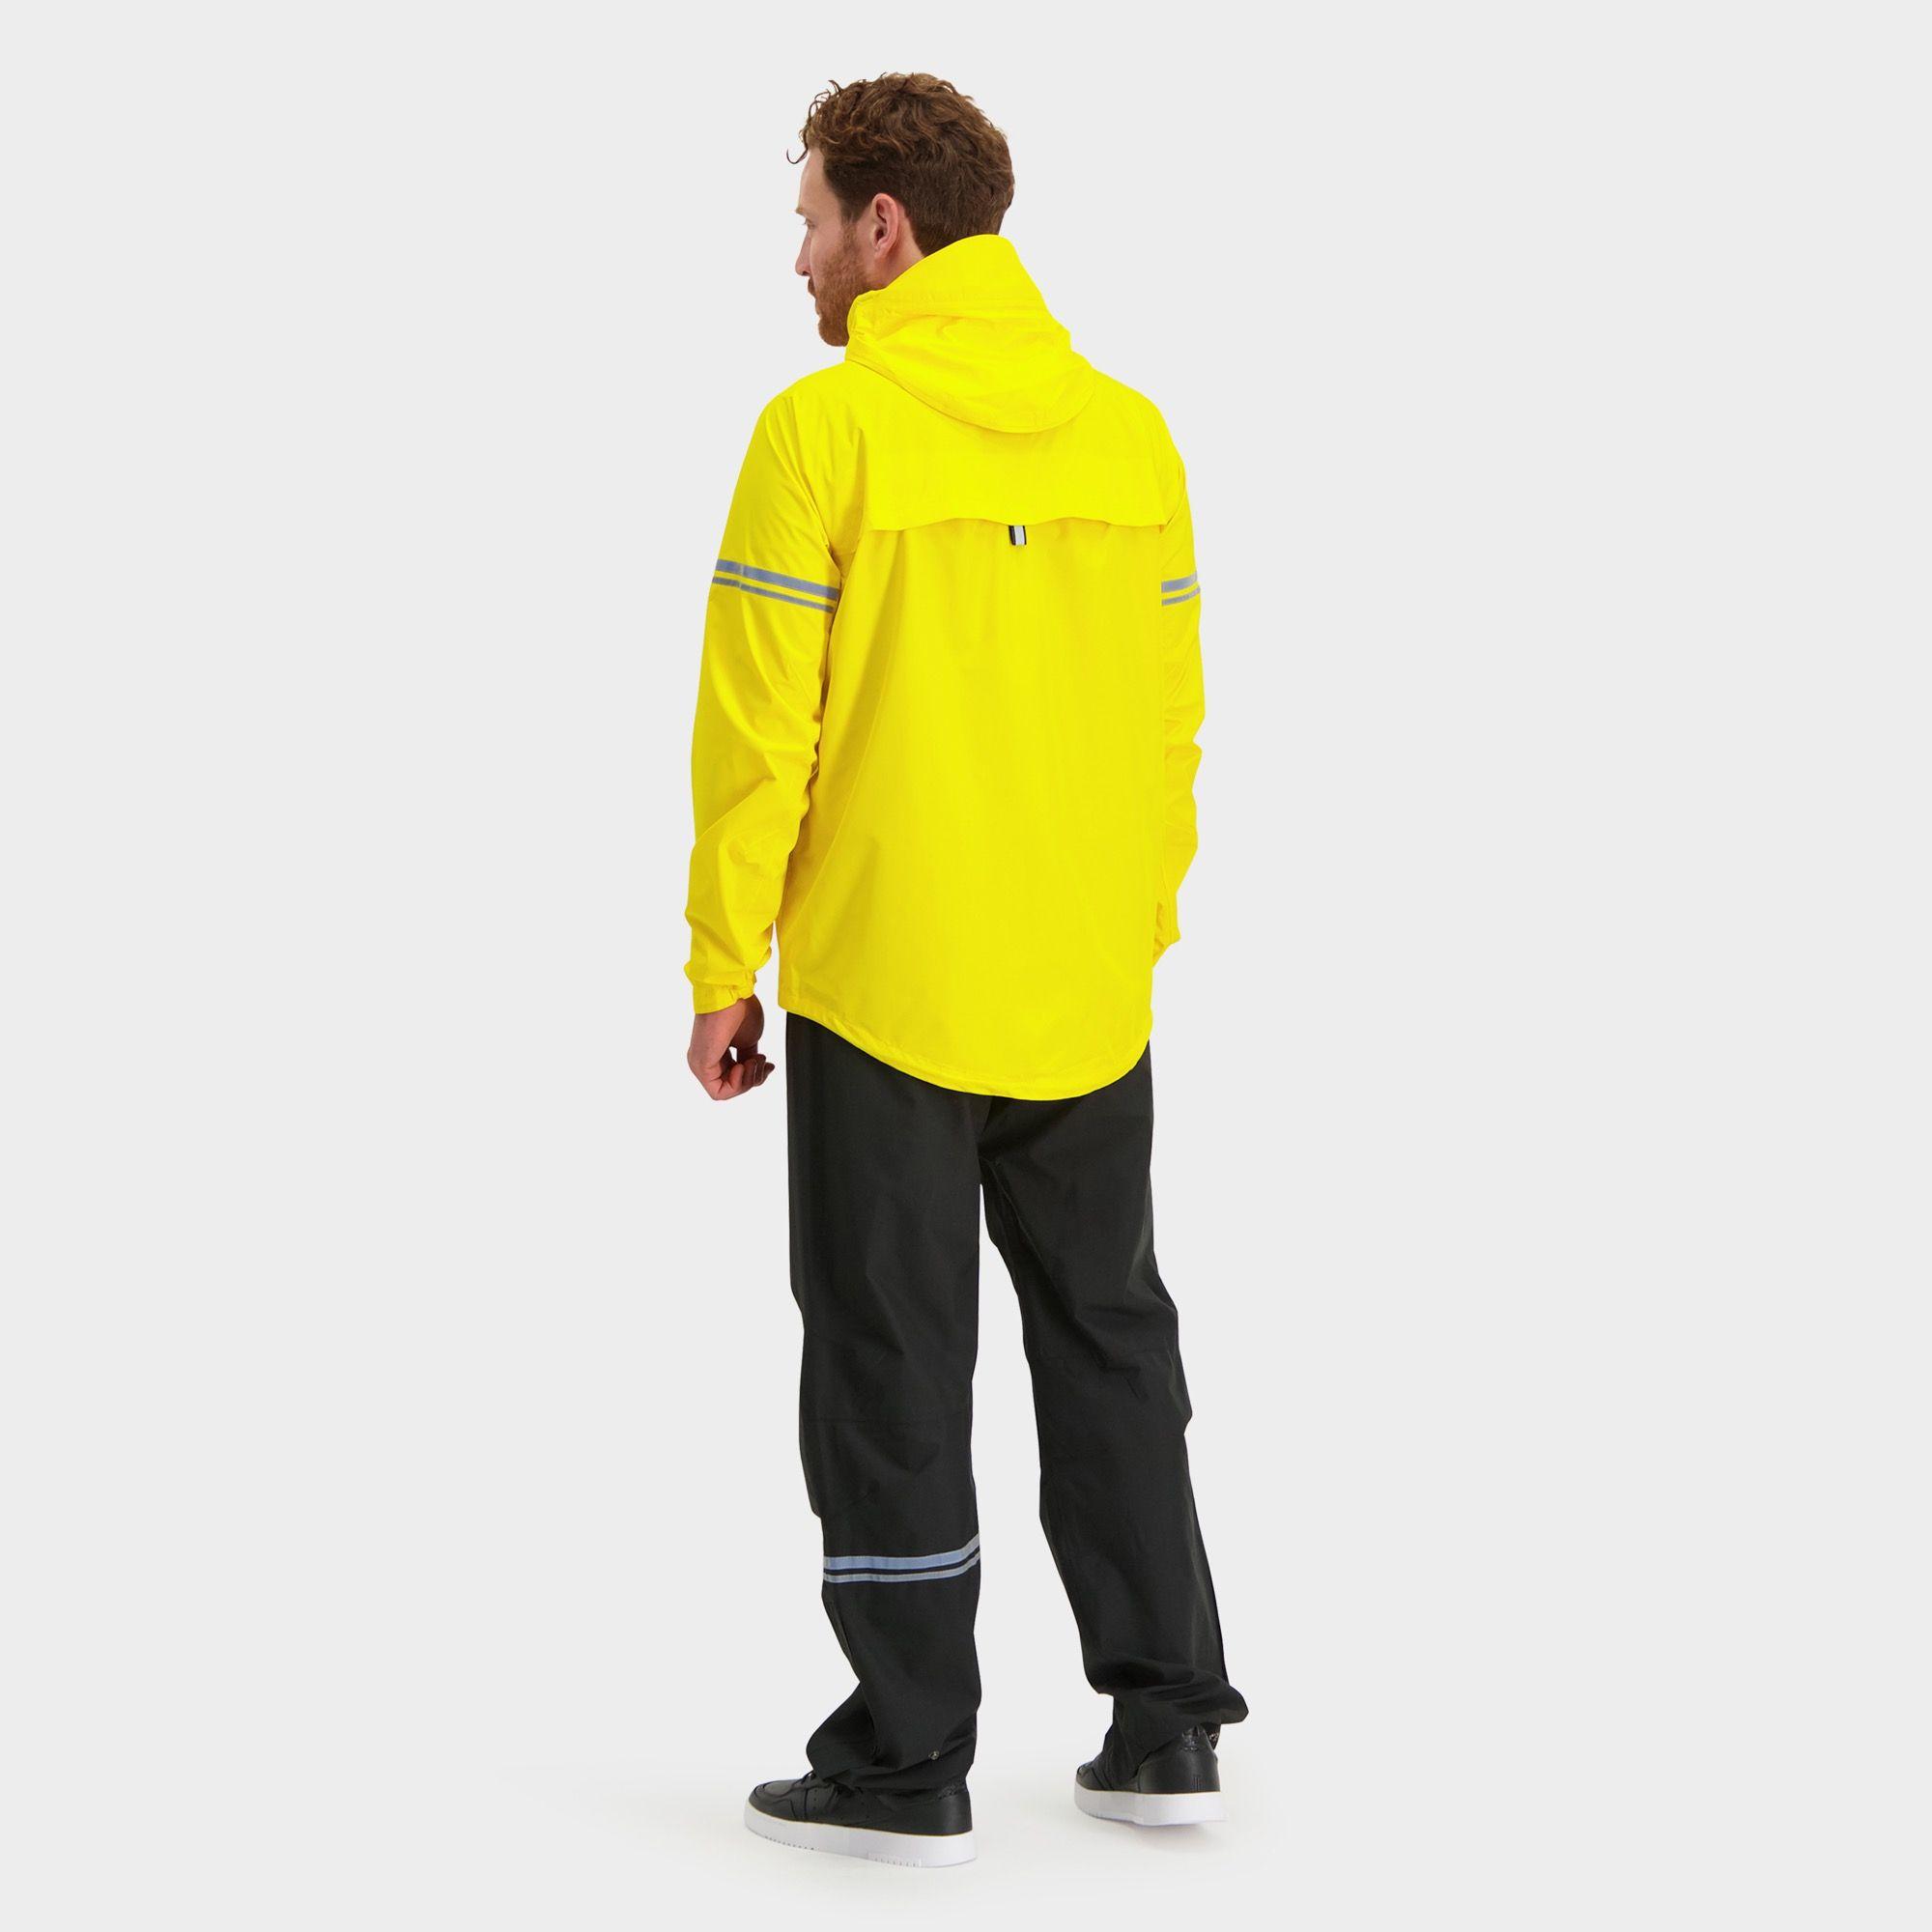 Original Rain Suit Essential fit example